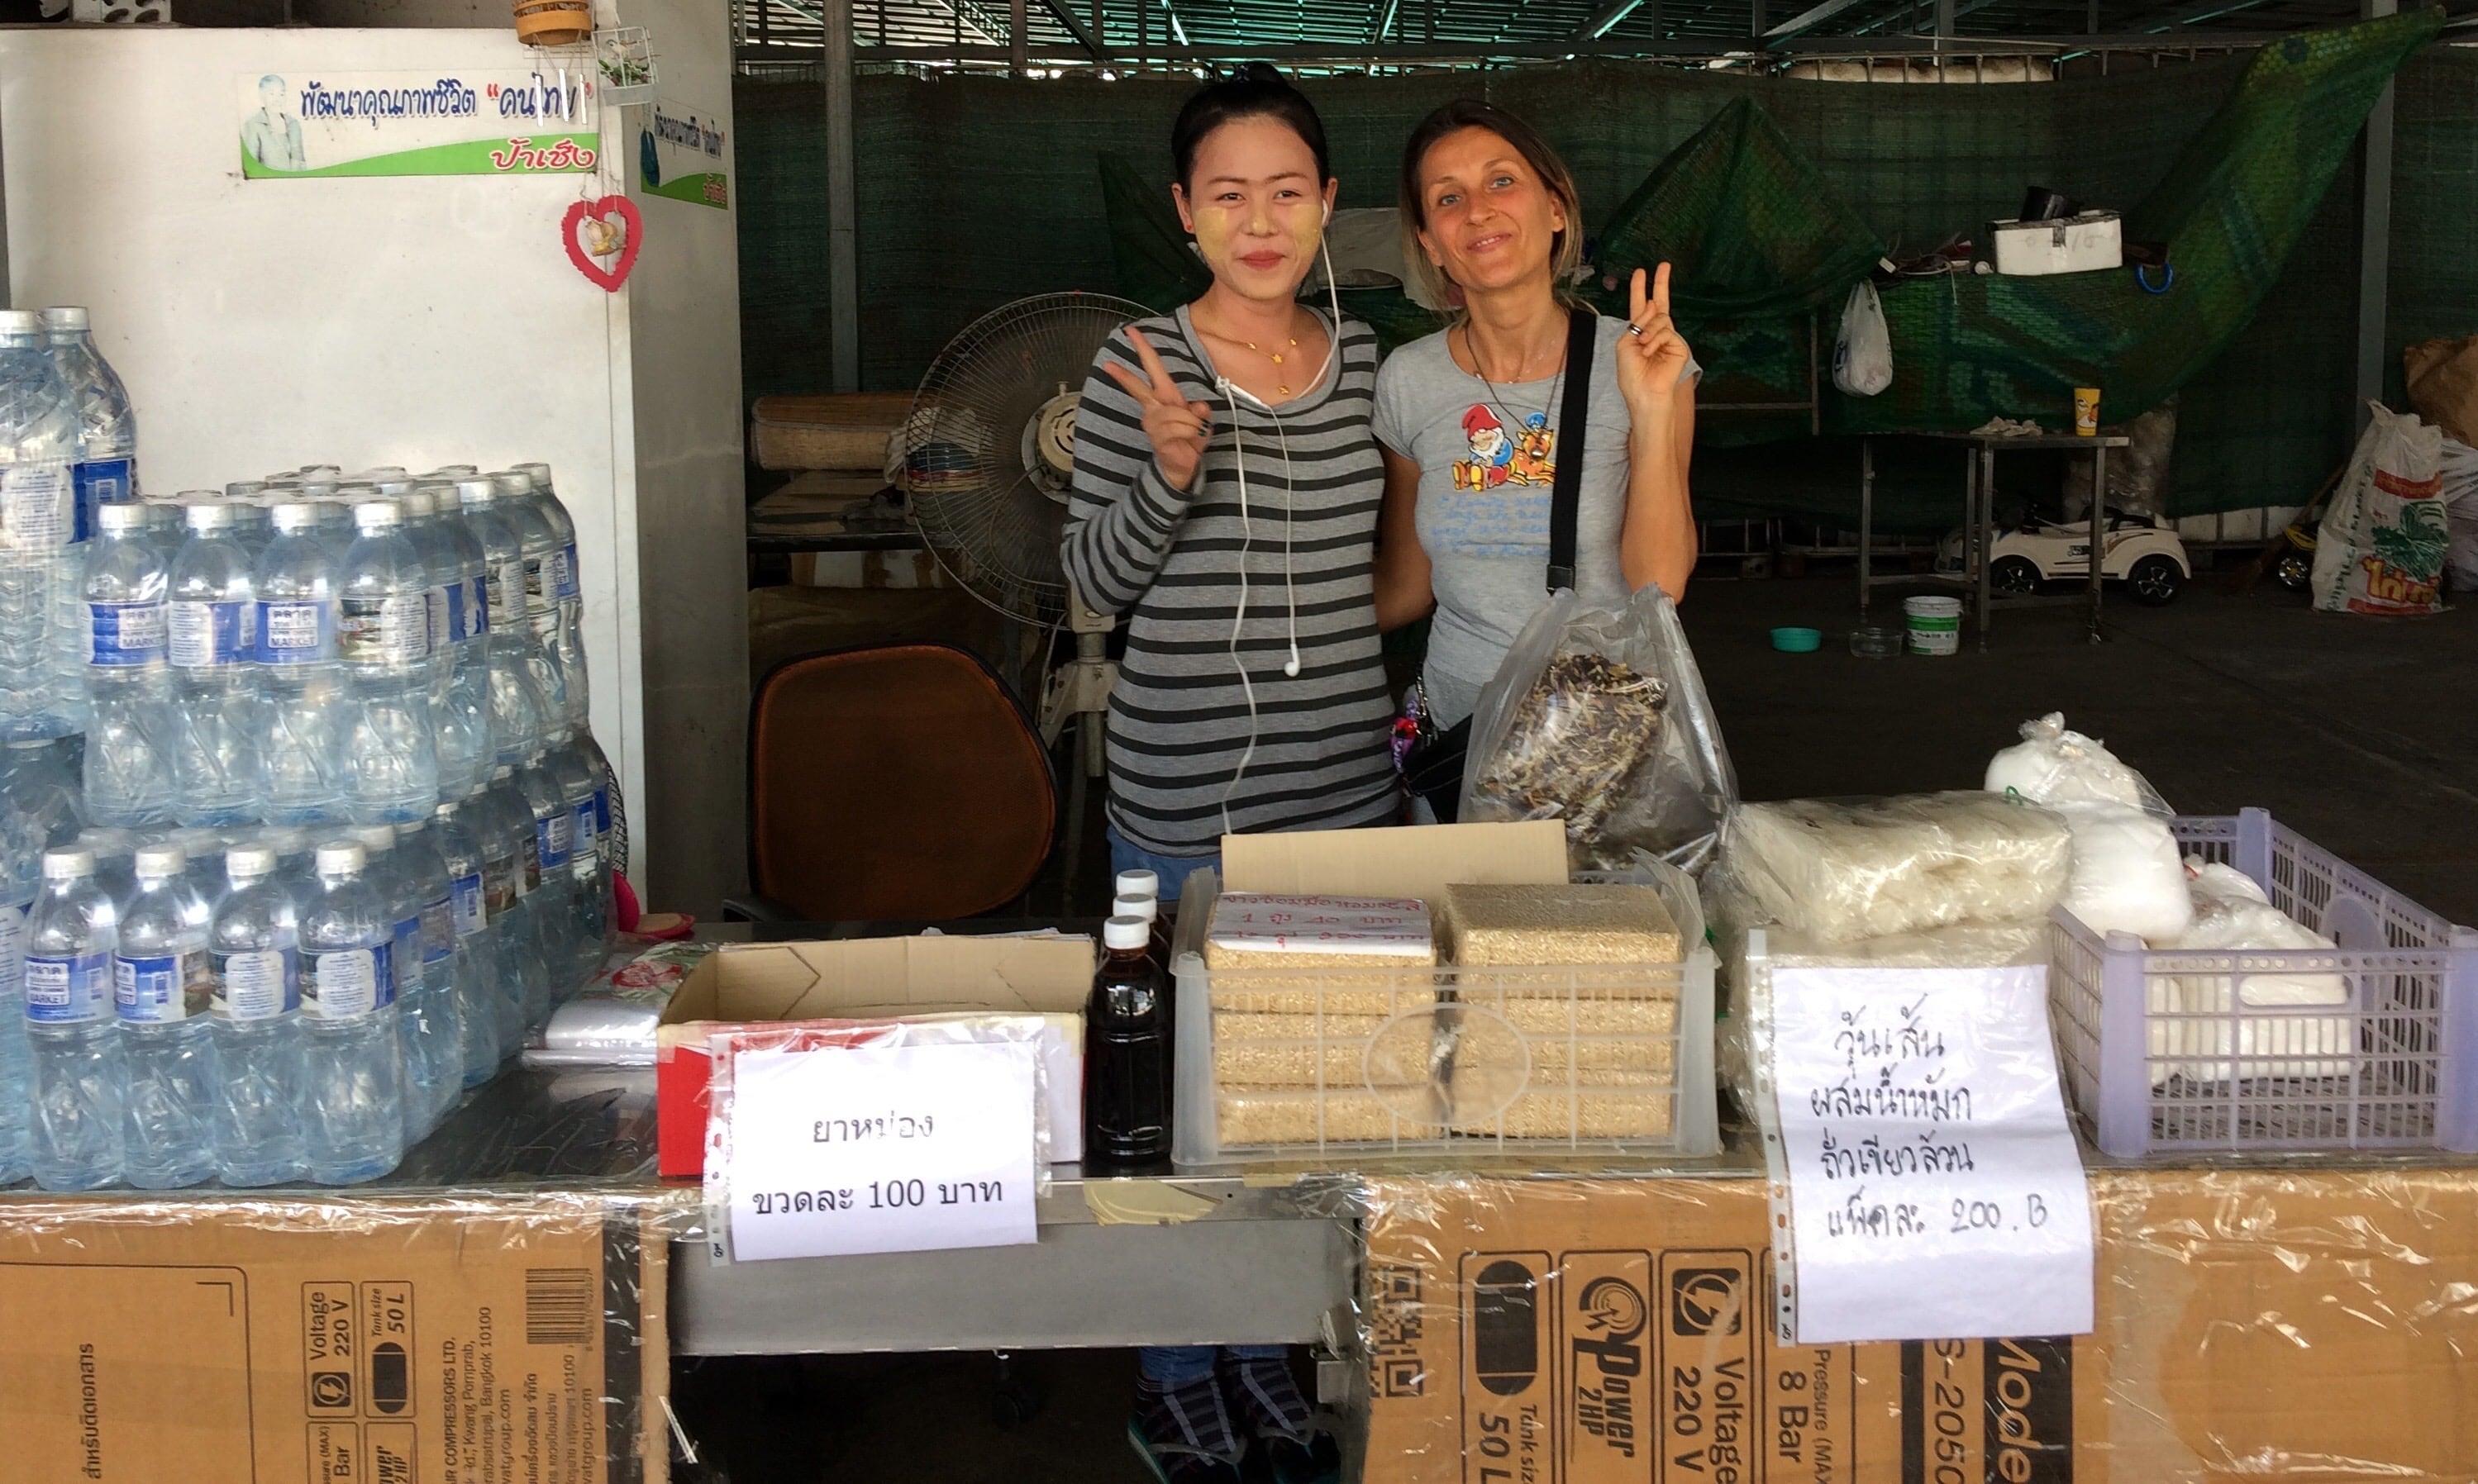 COME SI ARRIVA AL MERCATINO DI PA CHENG IN THAILANDIA?